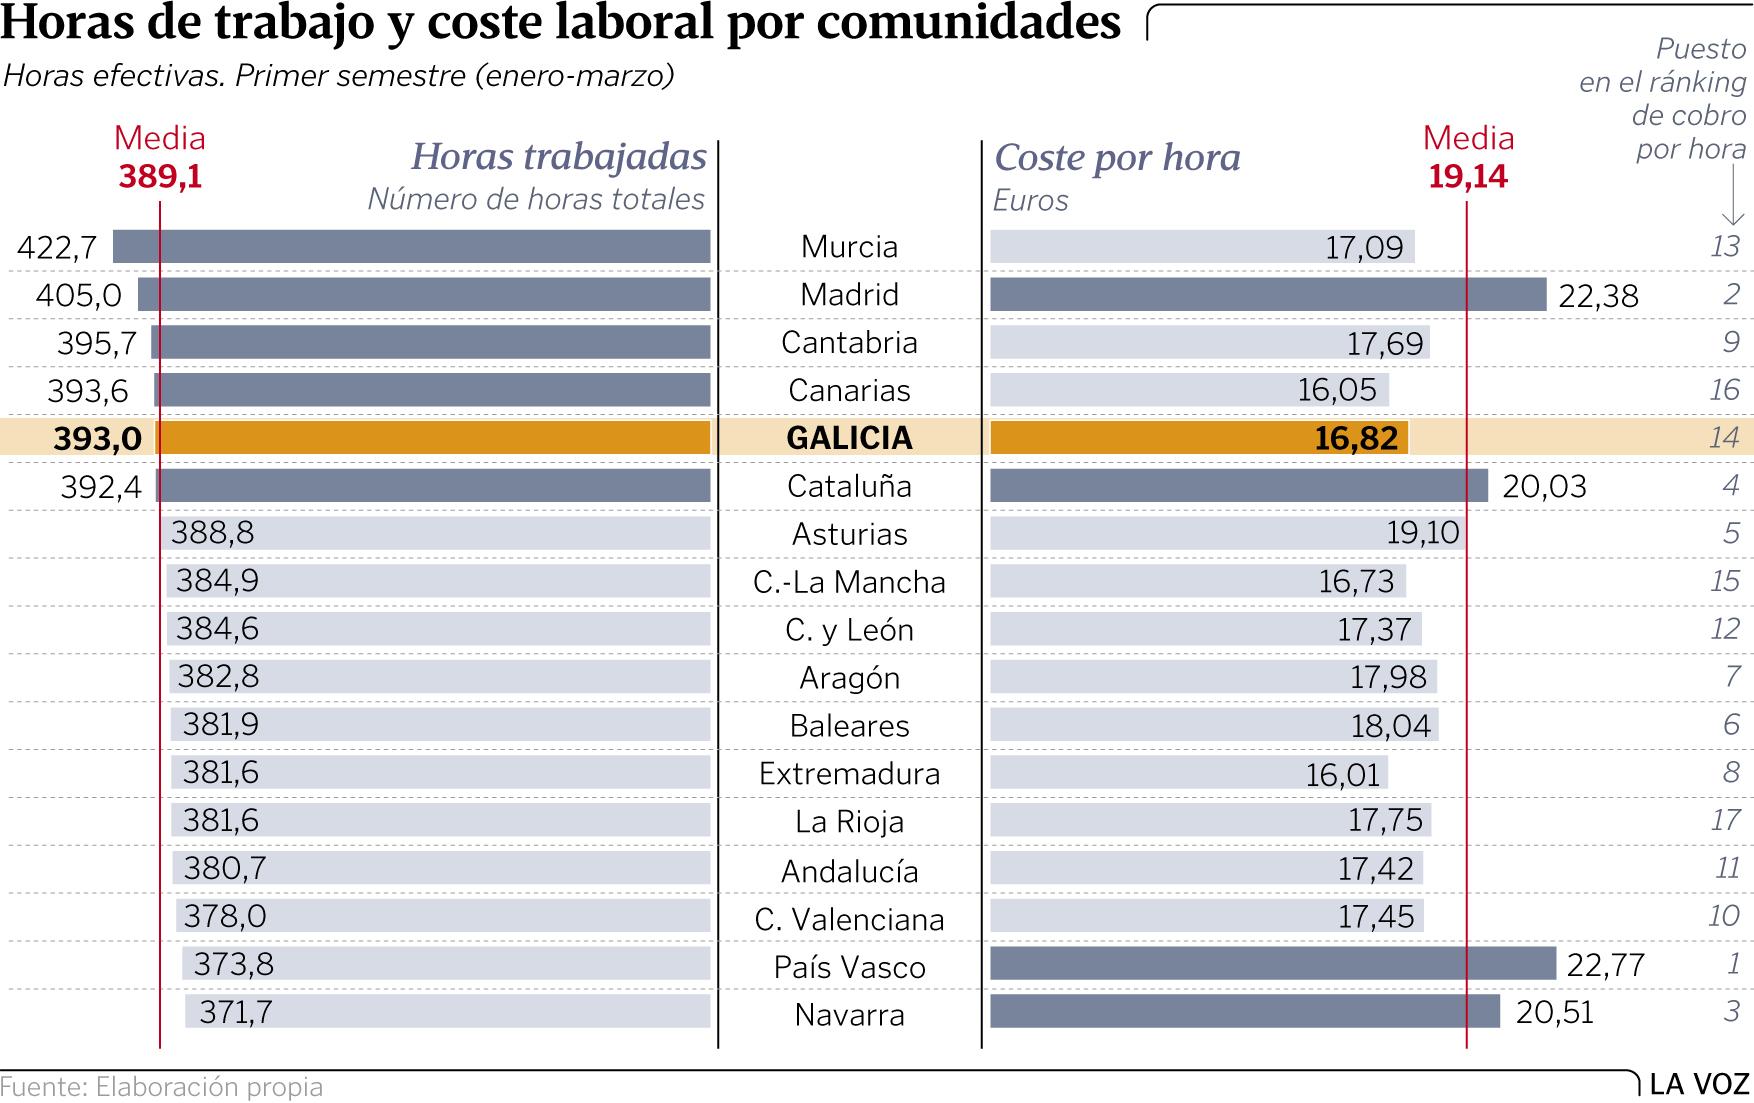 Galiza: Centenares de miles de personas empobrecidas. Precarización. Graf4